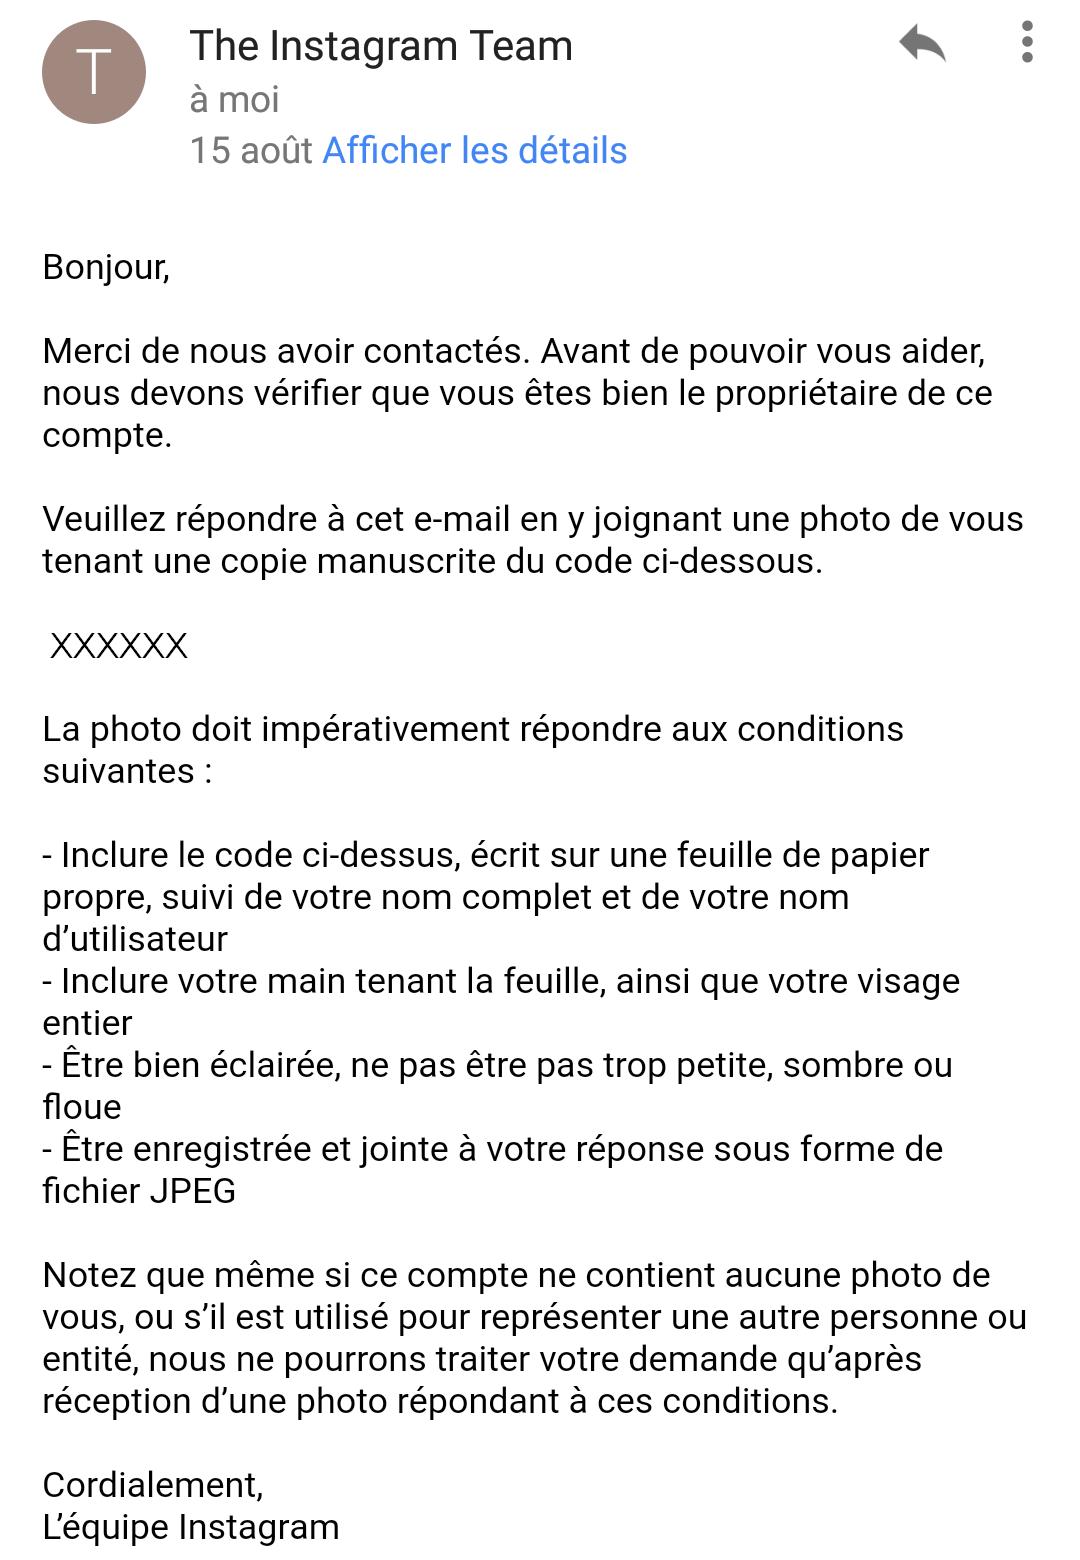 Compte Instagram Piraté : Comment le récupérer facilement !